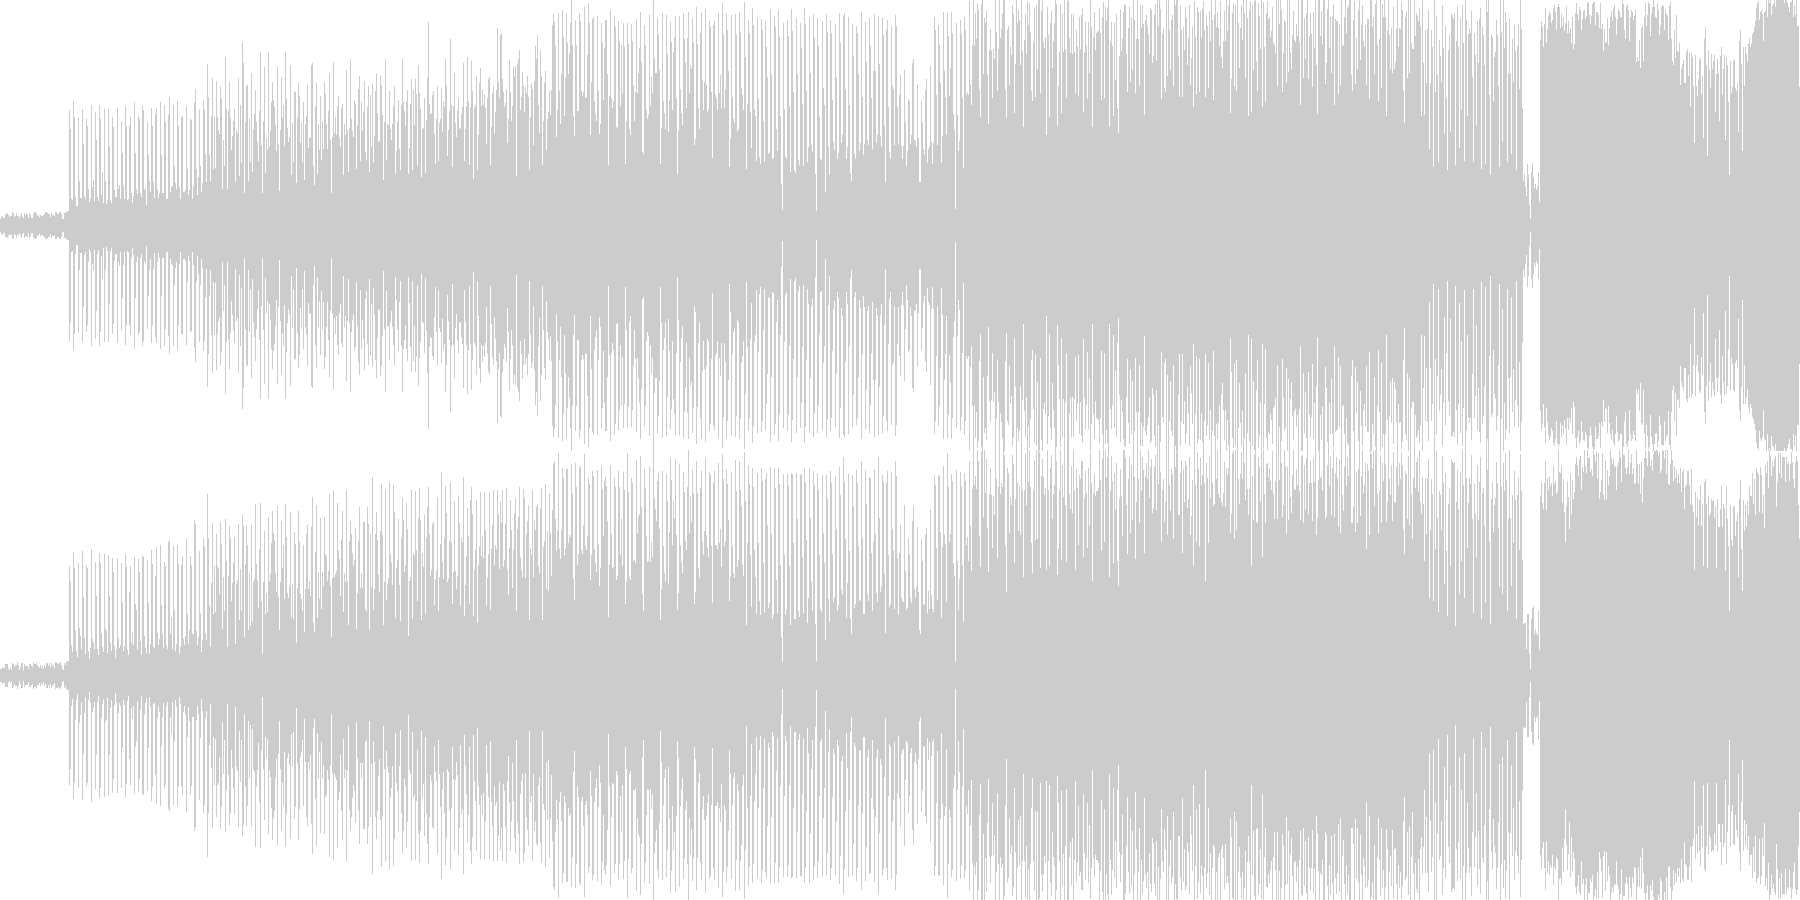 マドンナっぽいEDMです おしゃれなク…の未再生の波形